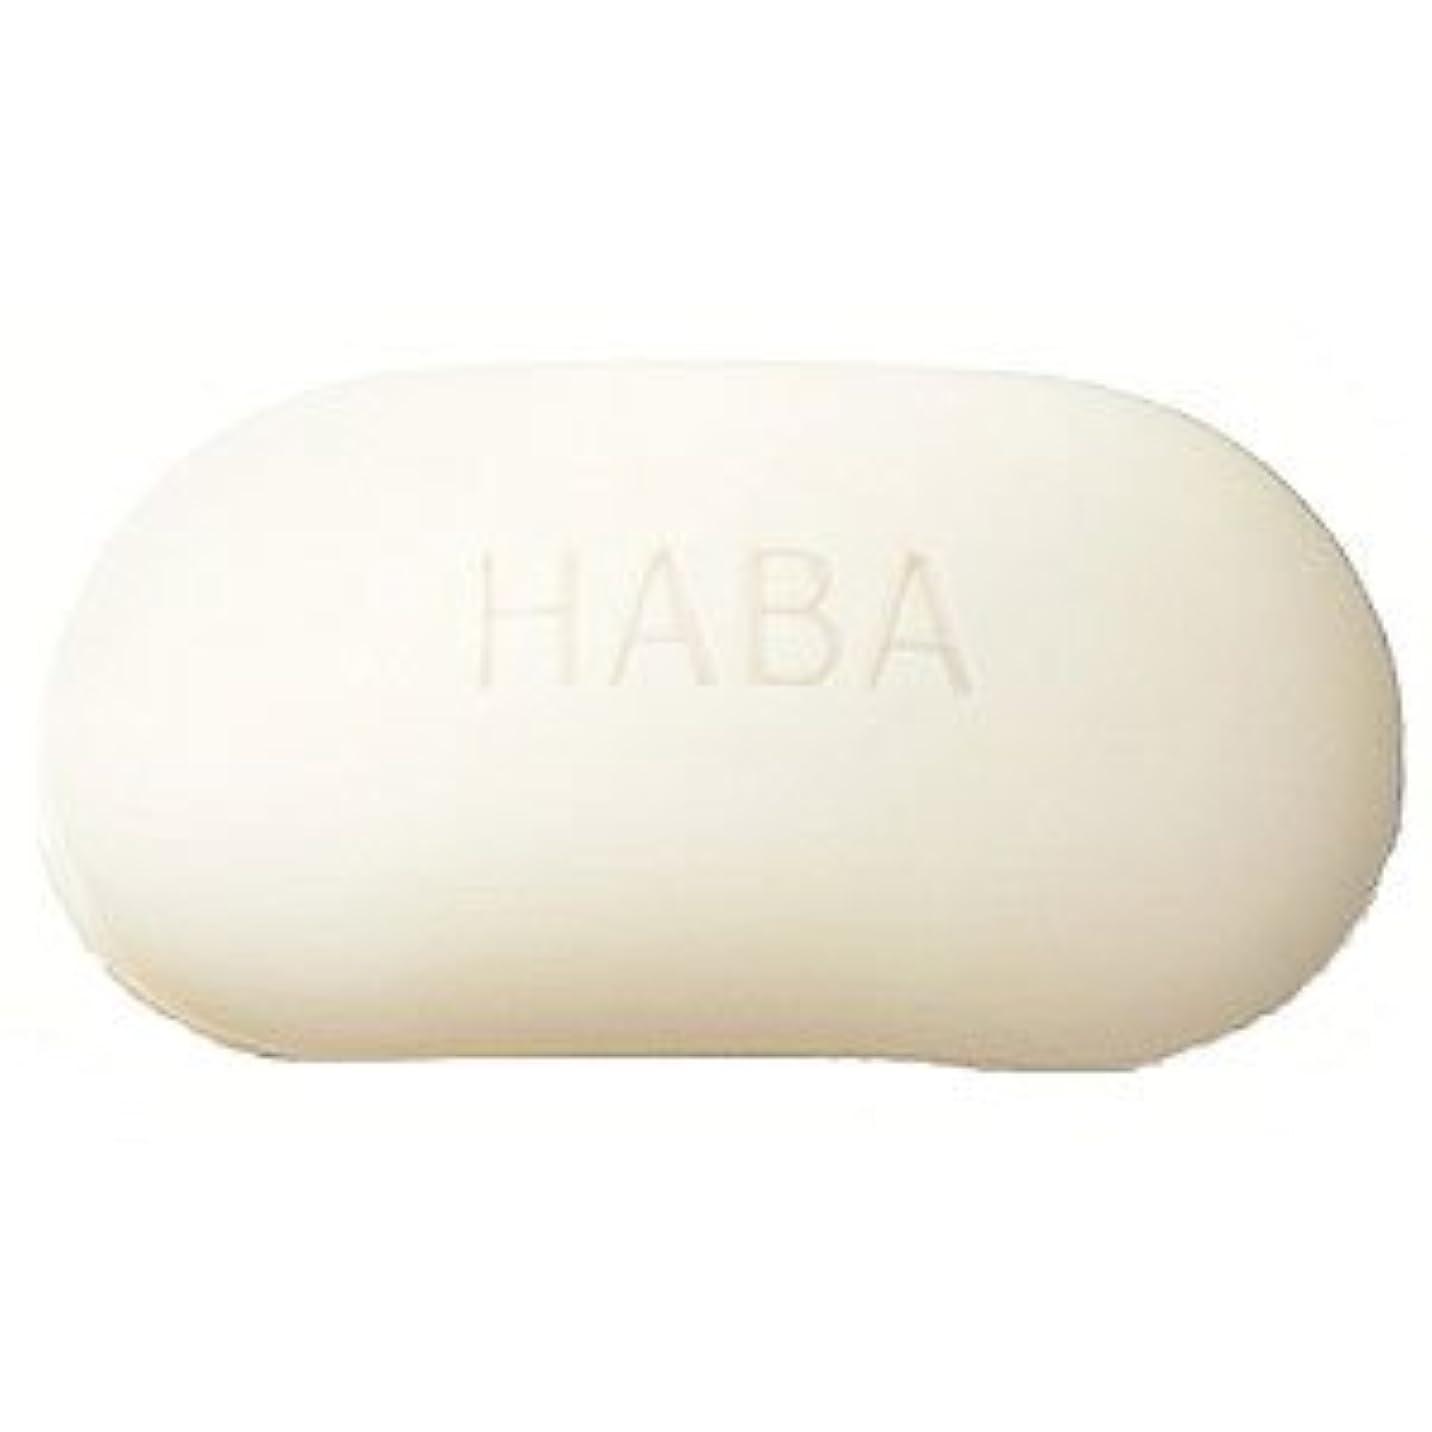 ラグ海港スポンサーHABA 絹泡石けん 2個組<HABA/ハーバー(ハーバー研究所)>